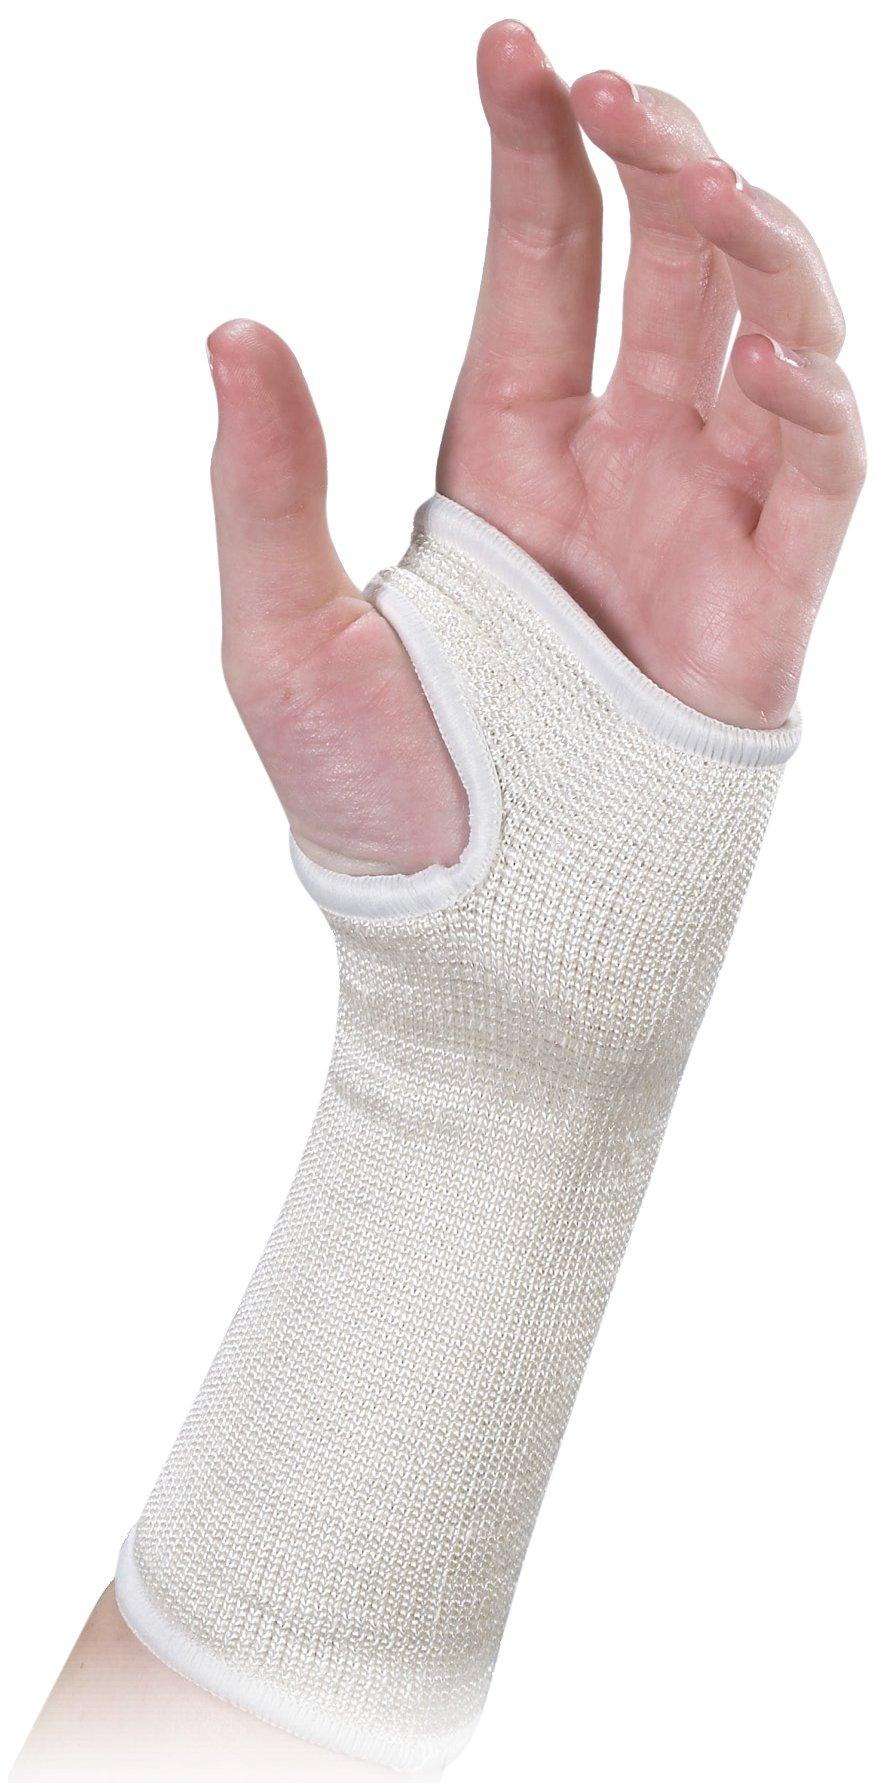 Bilt-Rite Mastex Health Slip-On Wrist Support, Beige, Medium